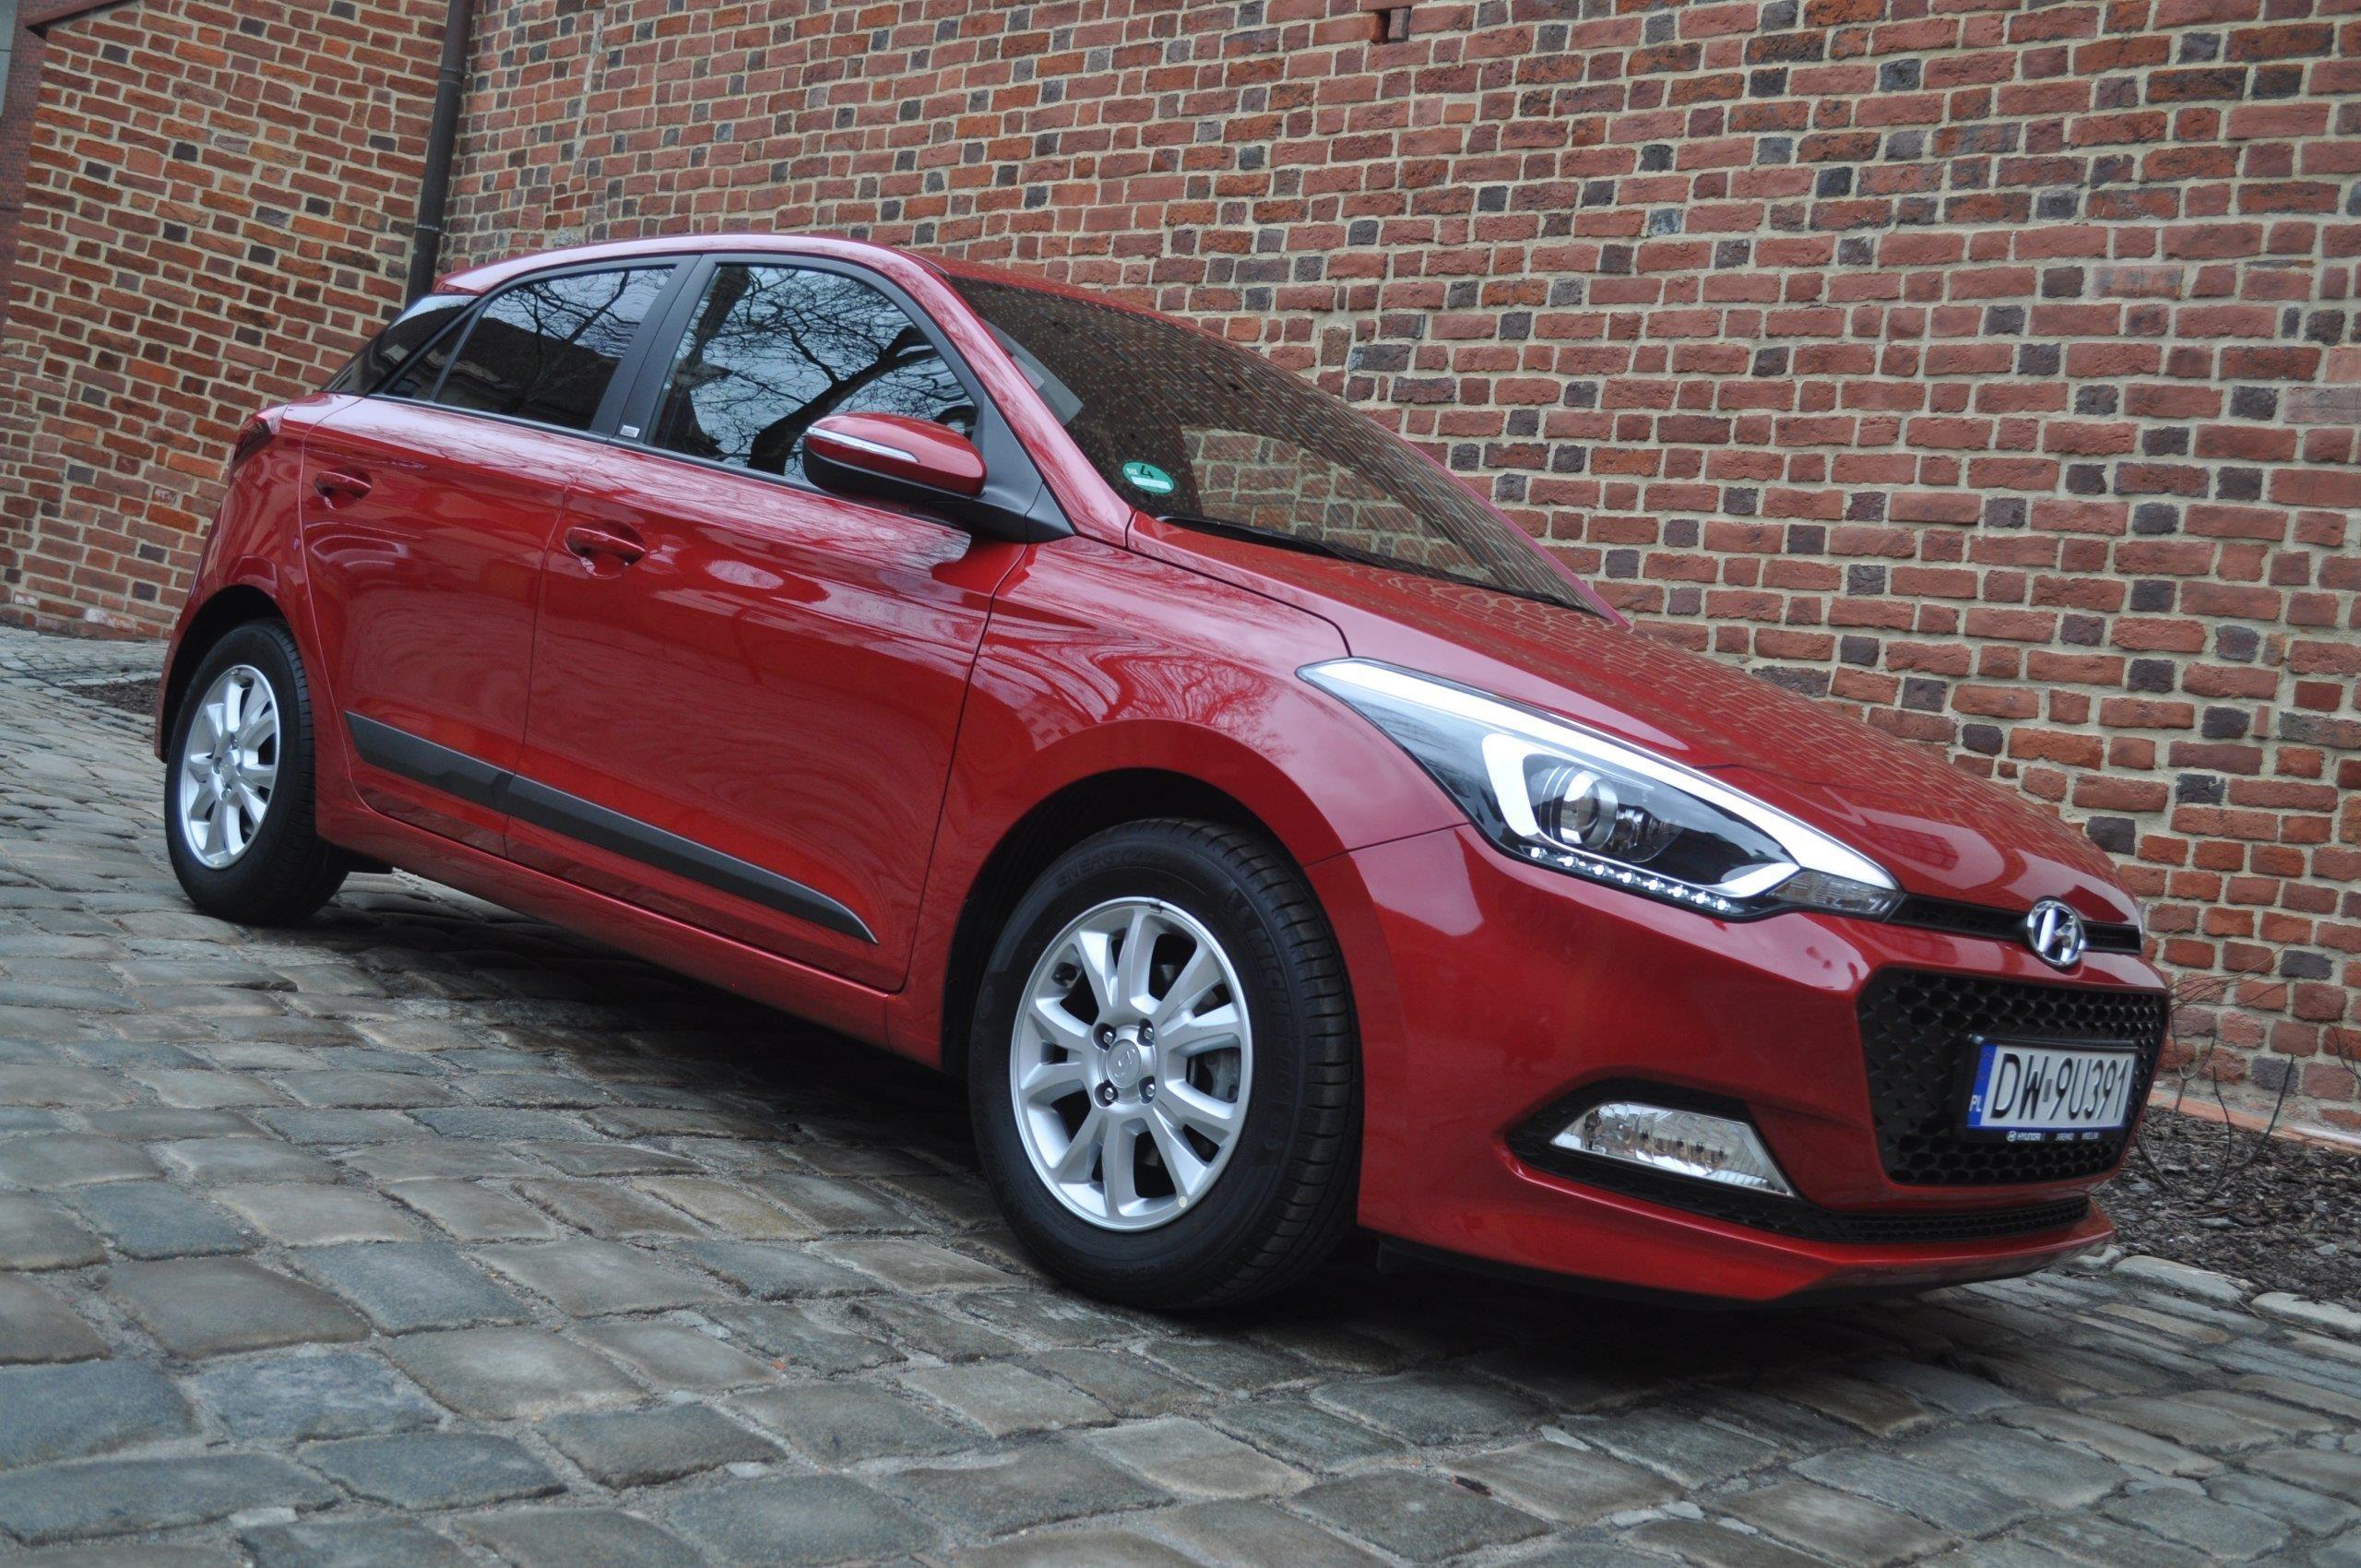 Ogromny Hyundai i20 II 2016 benzyna 86KM czerwony - Opinie i ceny na Ceneo.pl EO24